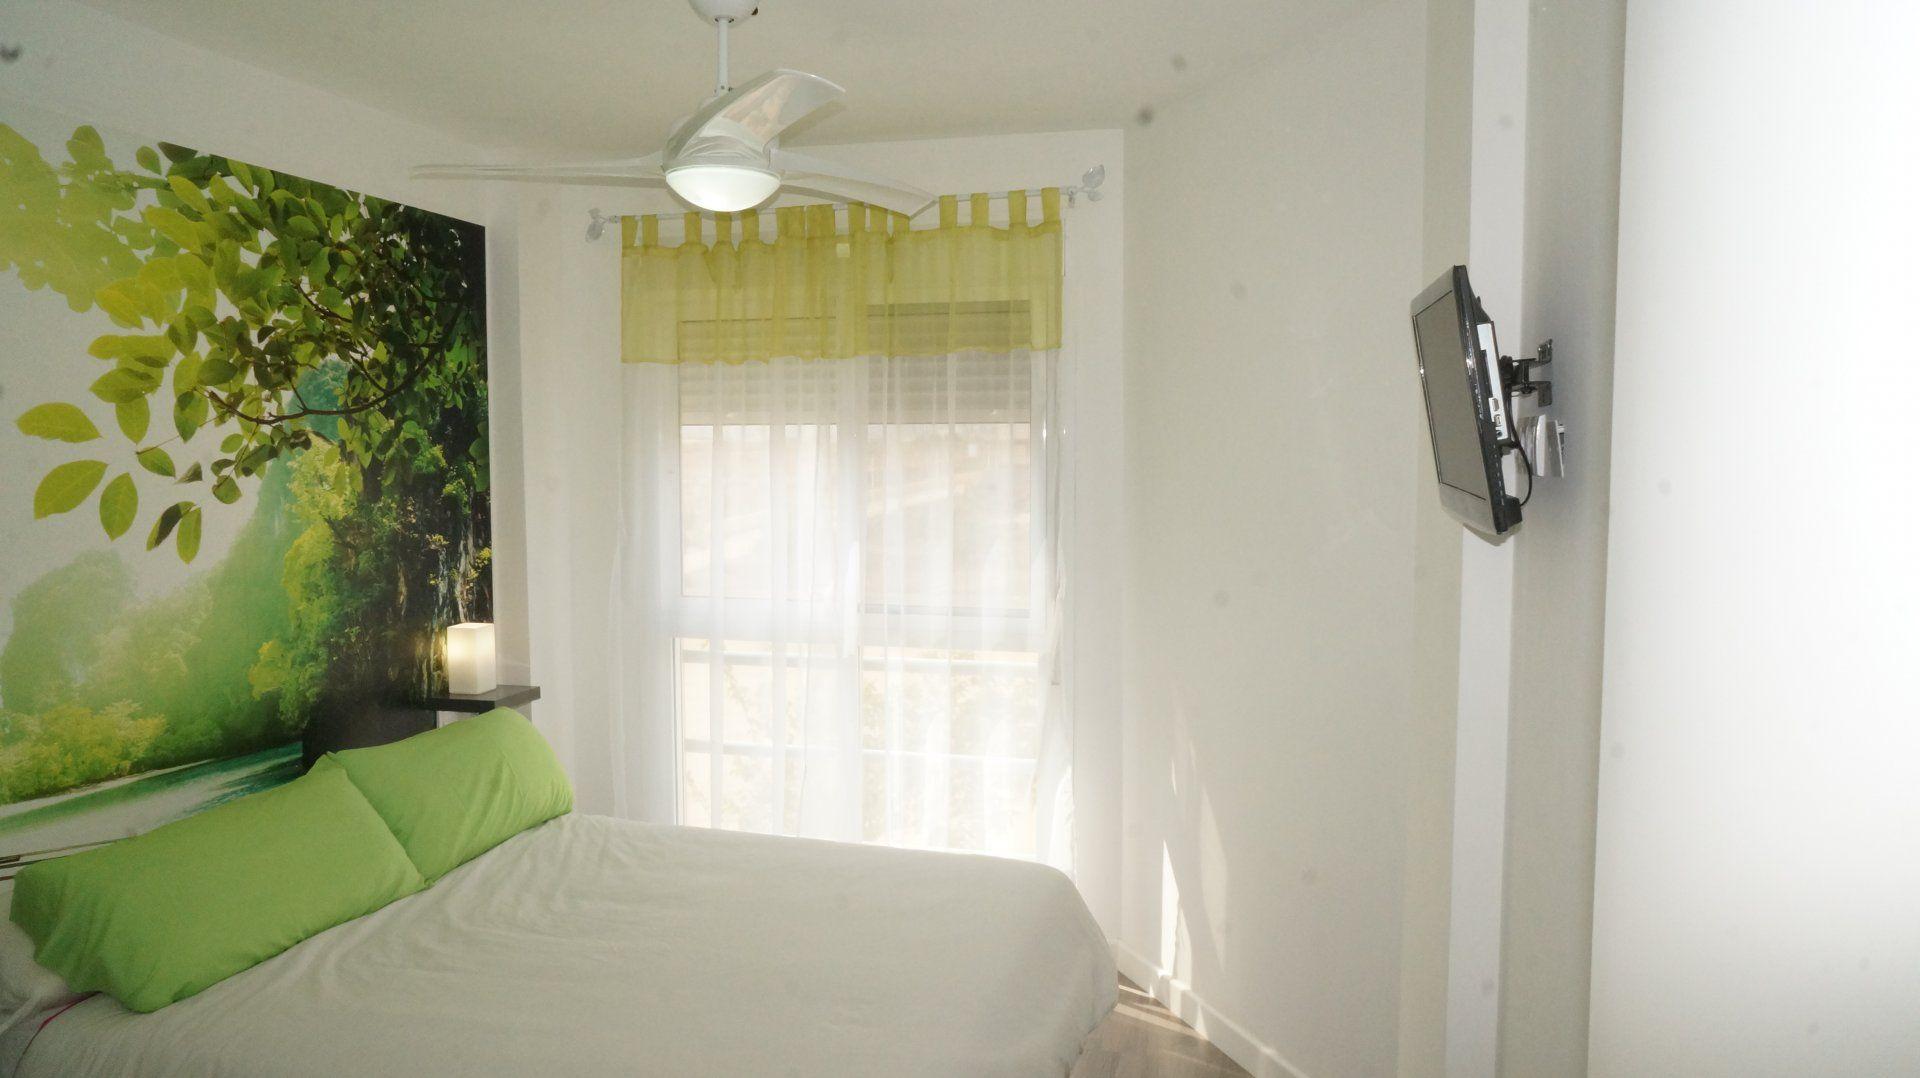 80000,00€ · Venta piso en Molinos Marfagones · Vivienda situada en el Residencial Buenos Aires, (MOLINOS MARFAGONES). Piso con dos habitaciones y un baño, espacio abierto entre cocina y comedor. Vivienda a estrenar. Cerramiento de aluminio en balcón, tarima flotante, ventanas de doble cristal (Climalit), paredes y techos lisos, placas solares para agua caliente, techos de pladur con focos led de bajo consumo, todo preparado para la instalación de aire Acondicionado por conductos. Baño y…